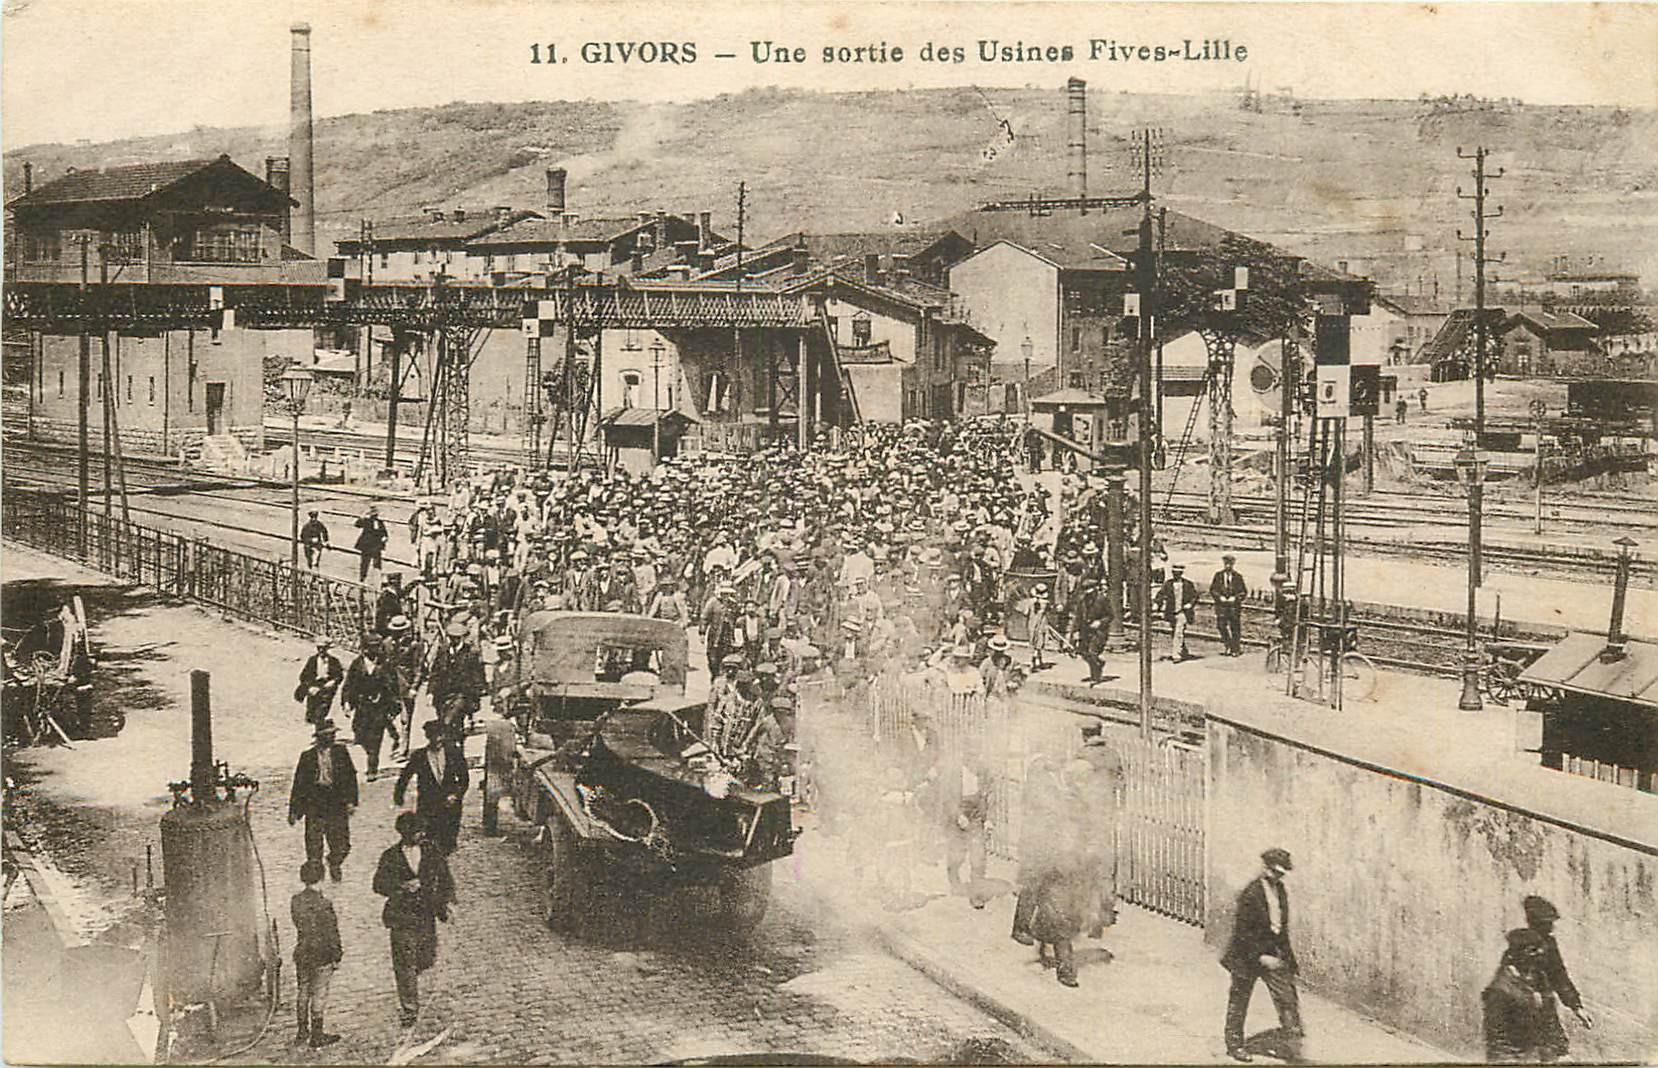 WW 69 GIVORS. Une sortie d'Ouvriers des Usines Fives-Lille